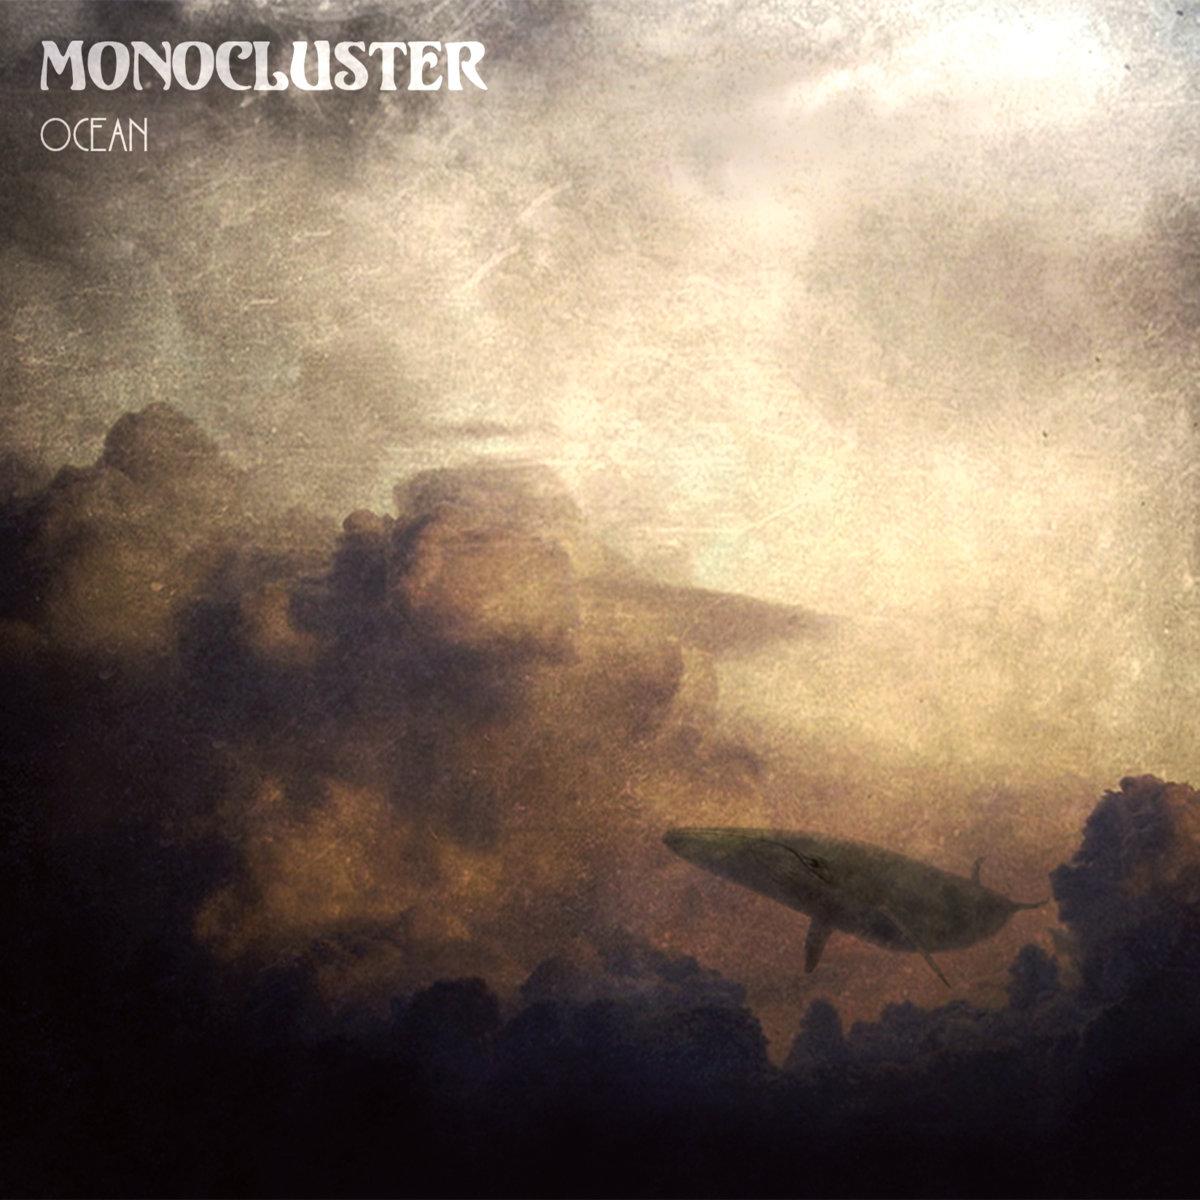 Monocluster Ocean